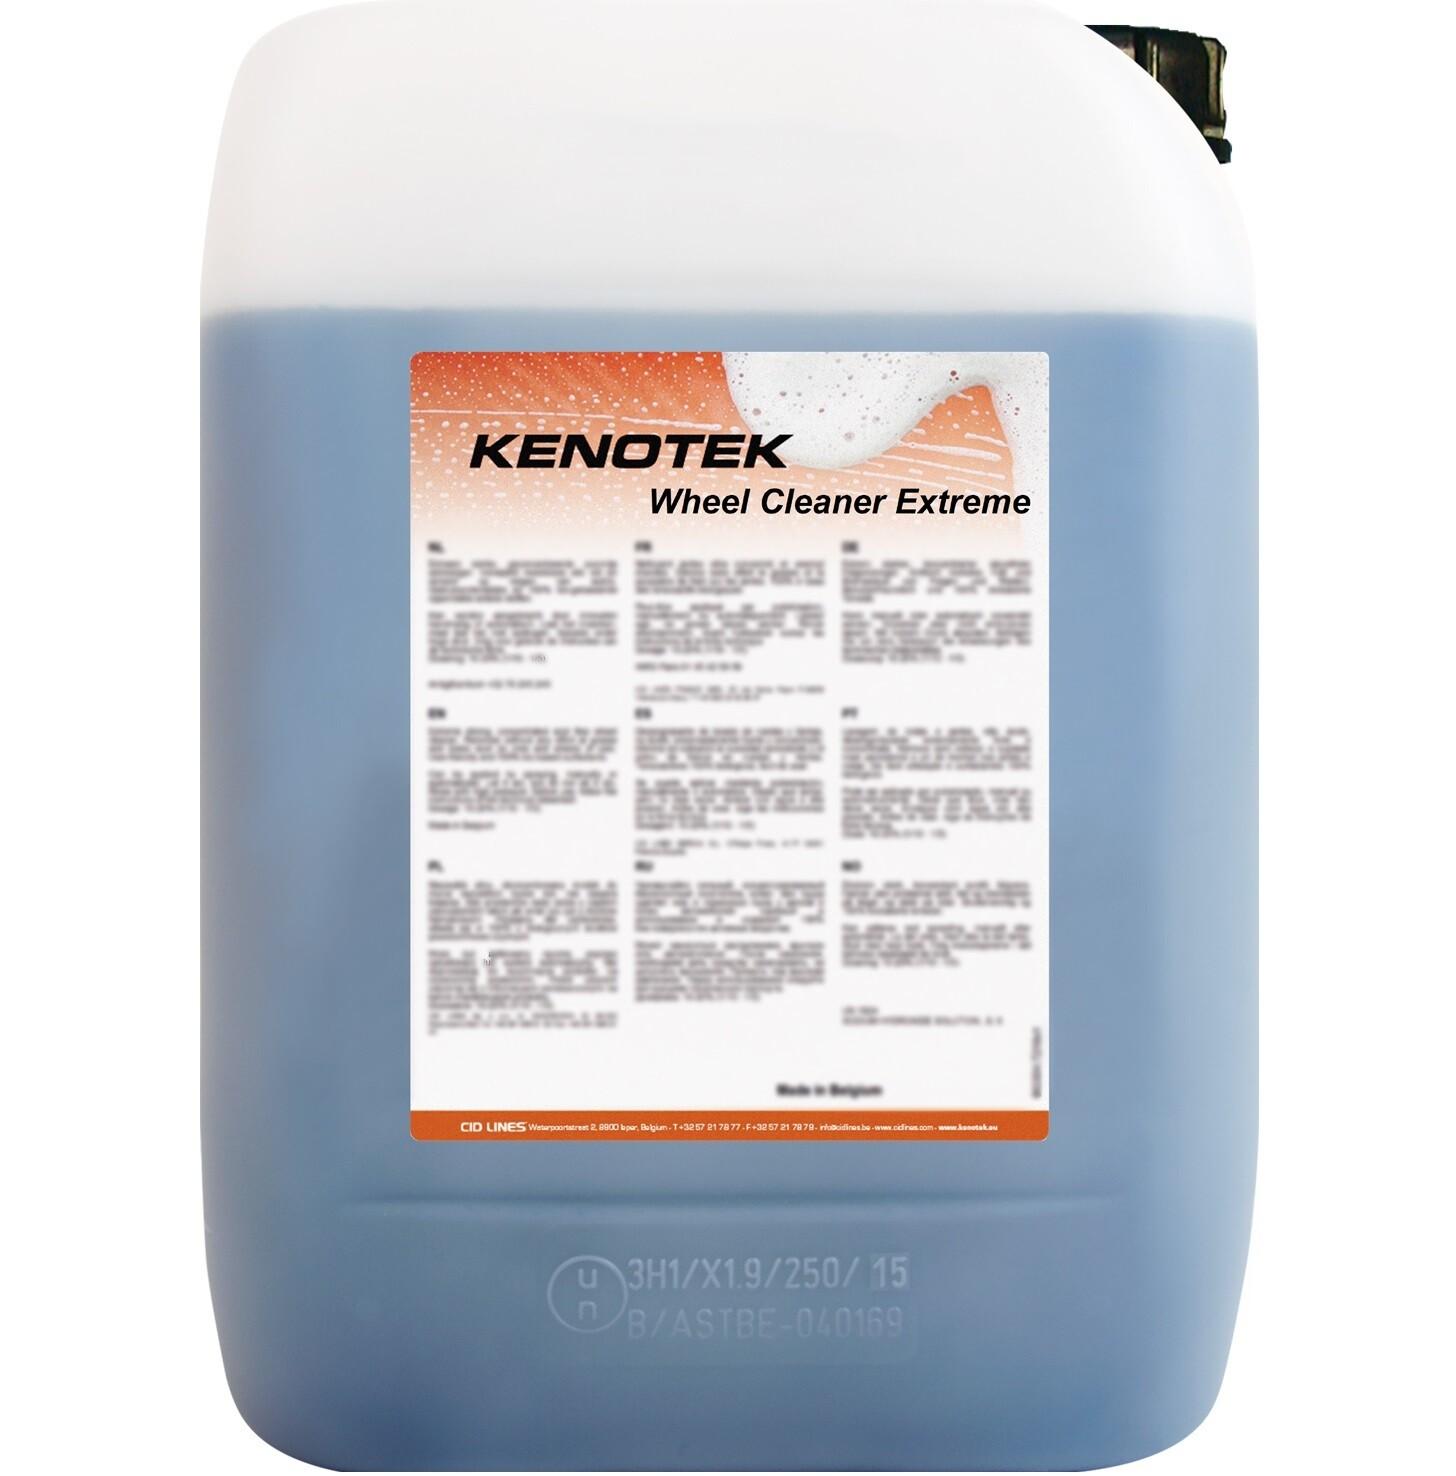 Kenotek Wheel Cleaner Extreme, inhoud: 25 kg